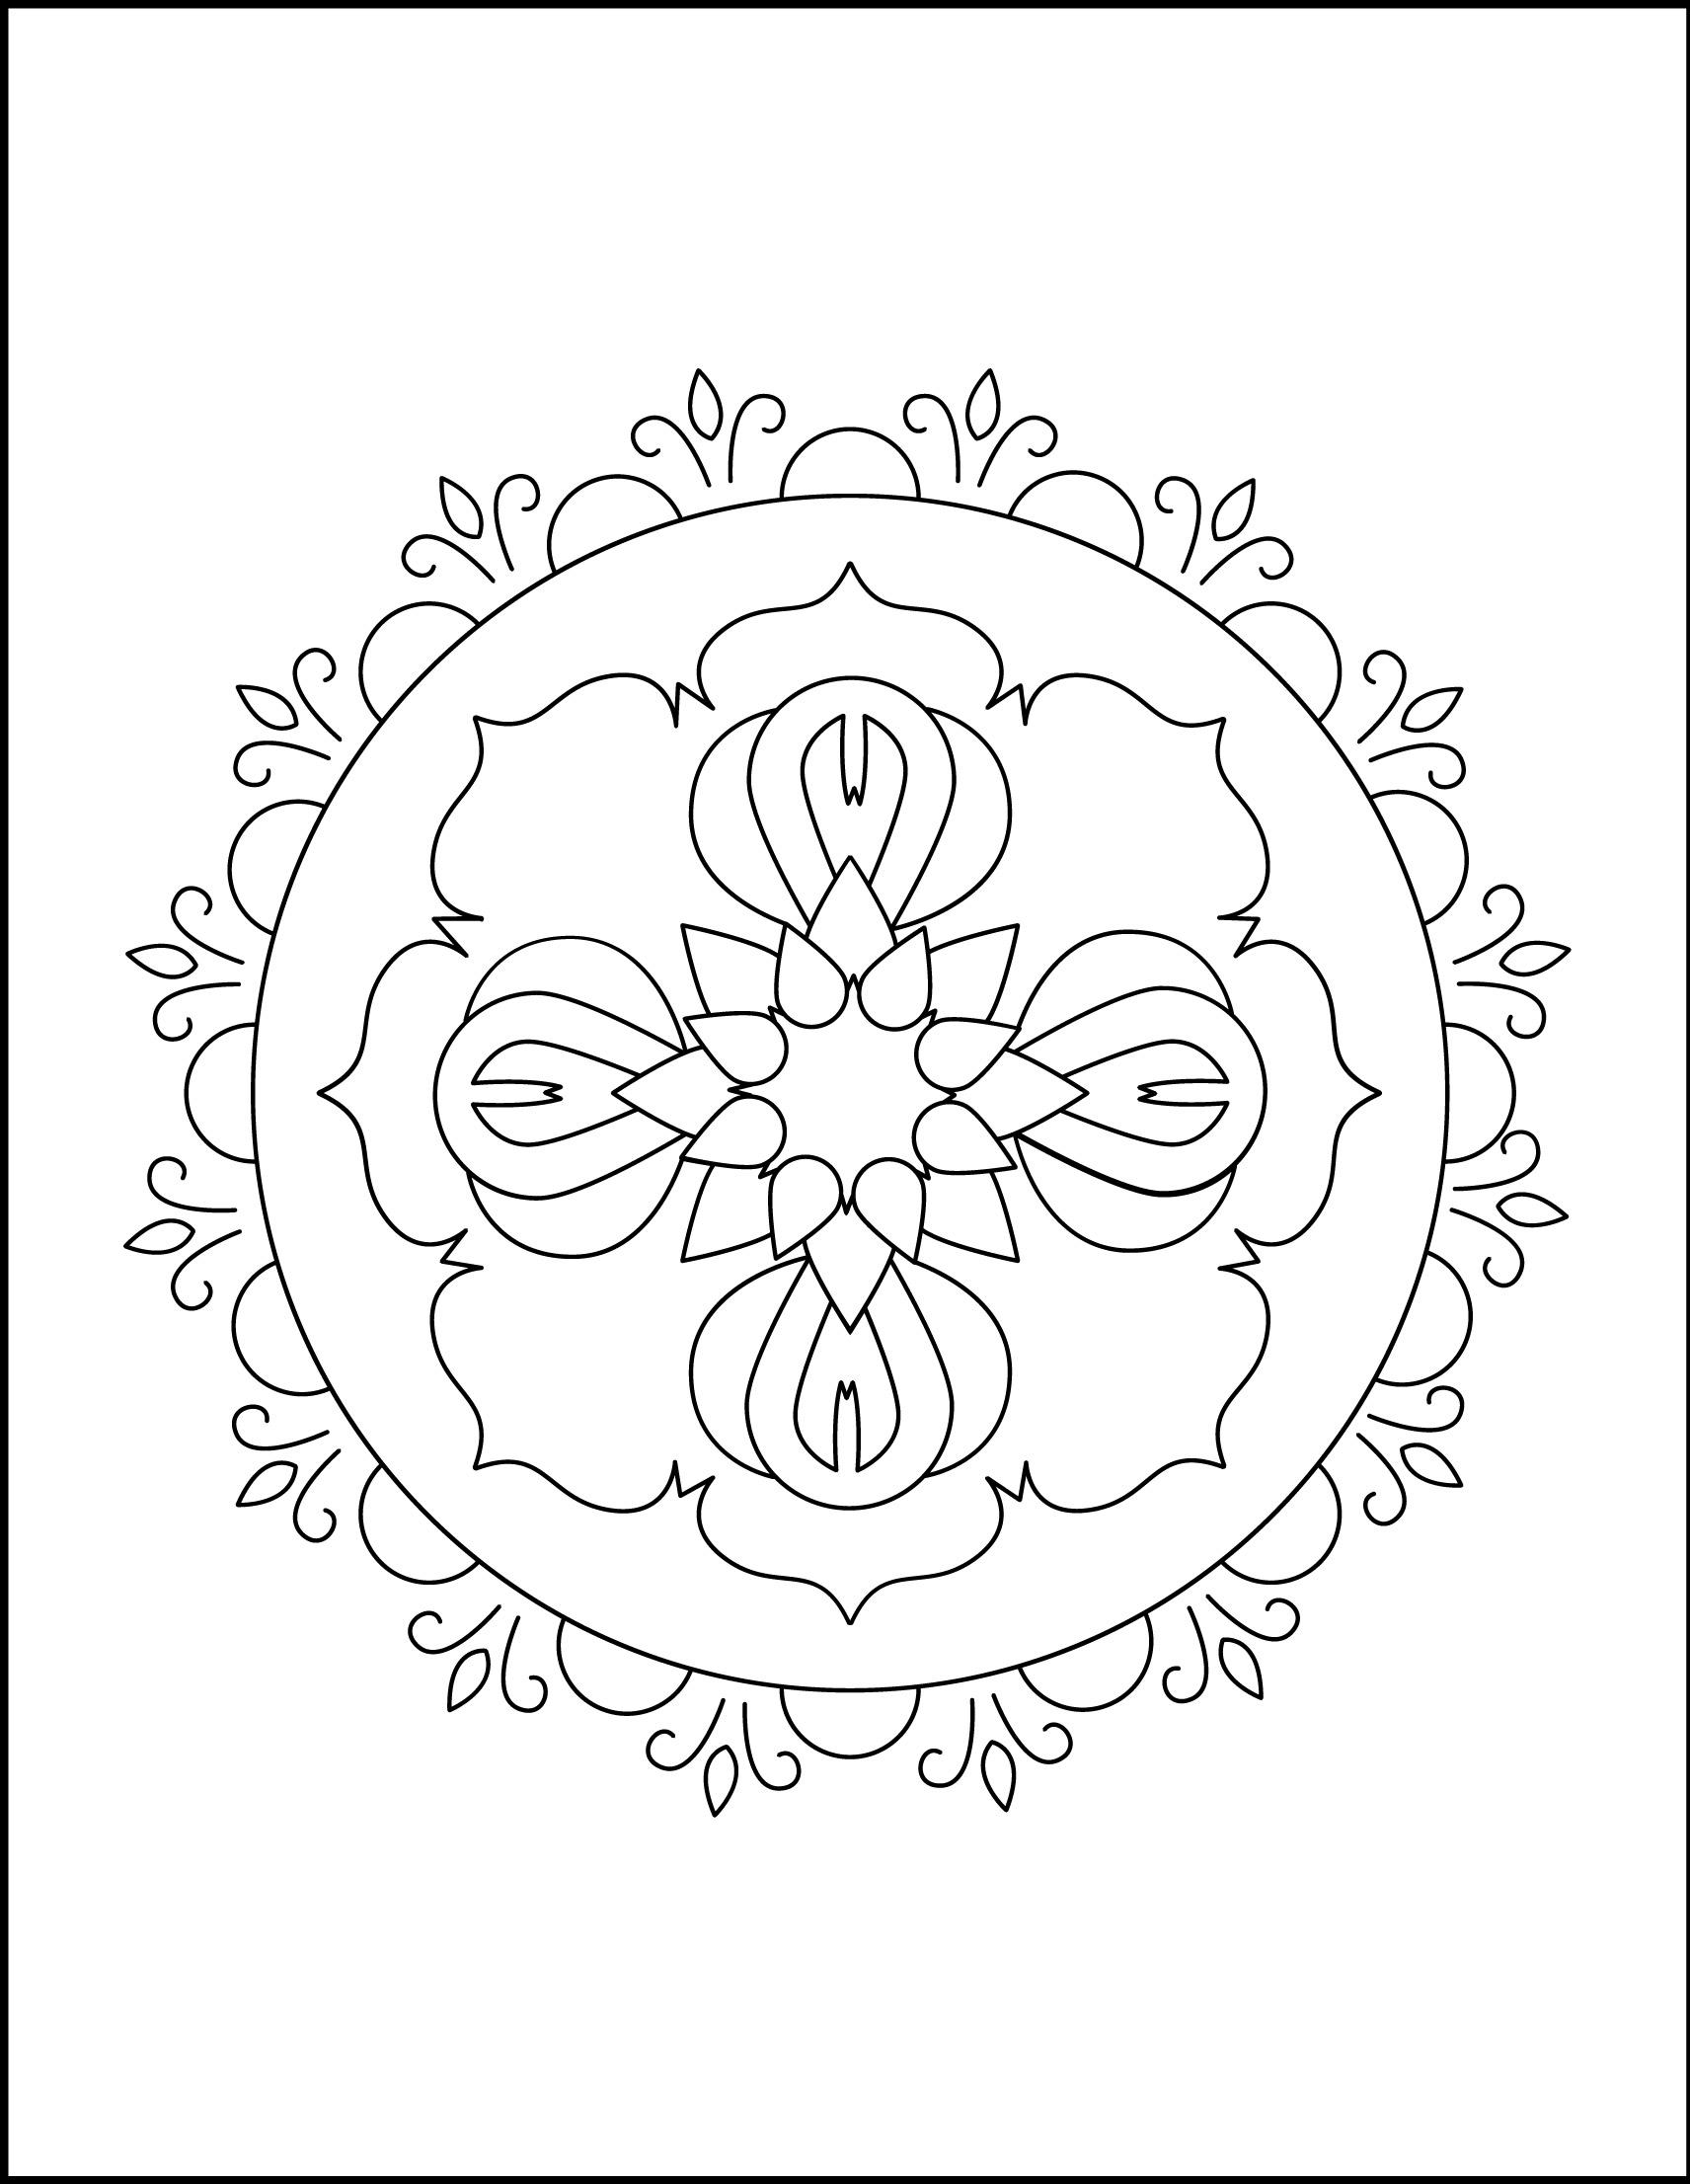 Mandala of Flowers worksheet